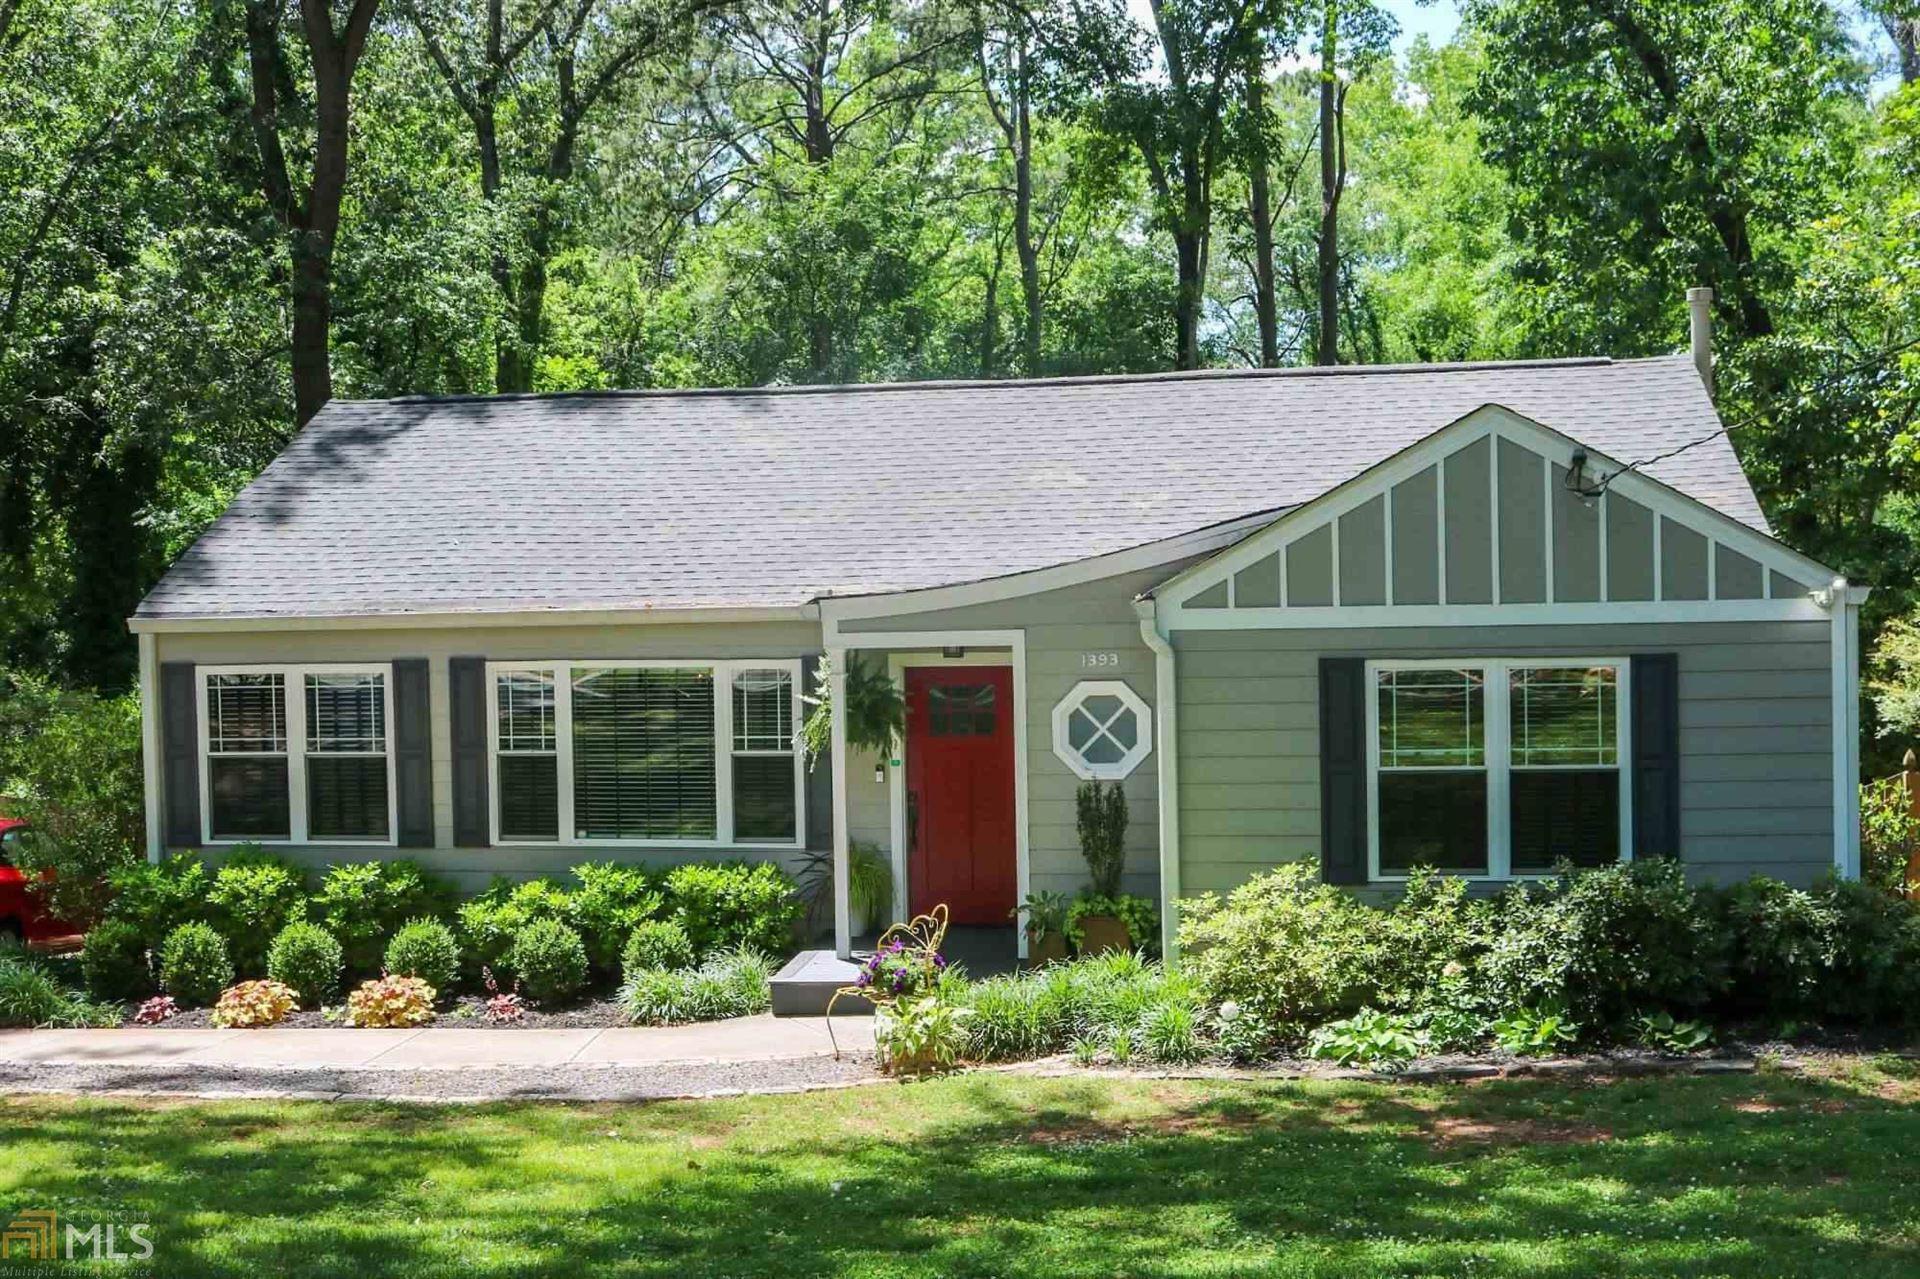 1393 Catherine St, Decatur, GA 30030 - MLS#: 8819795